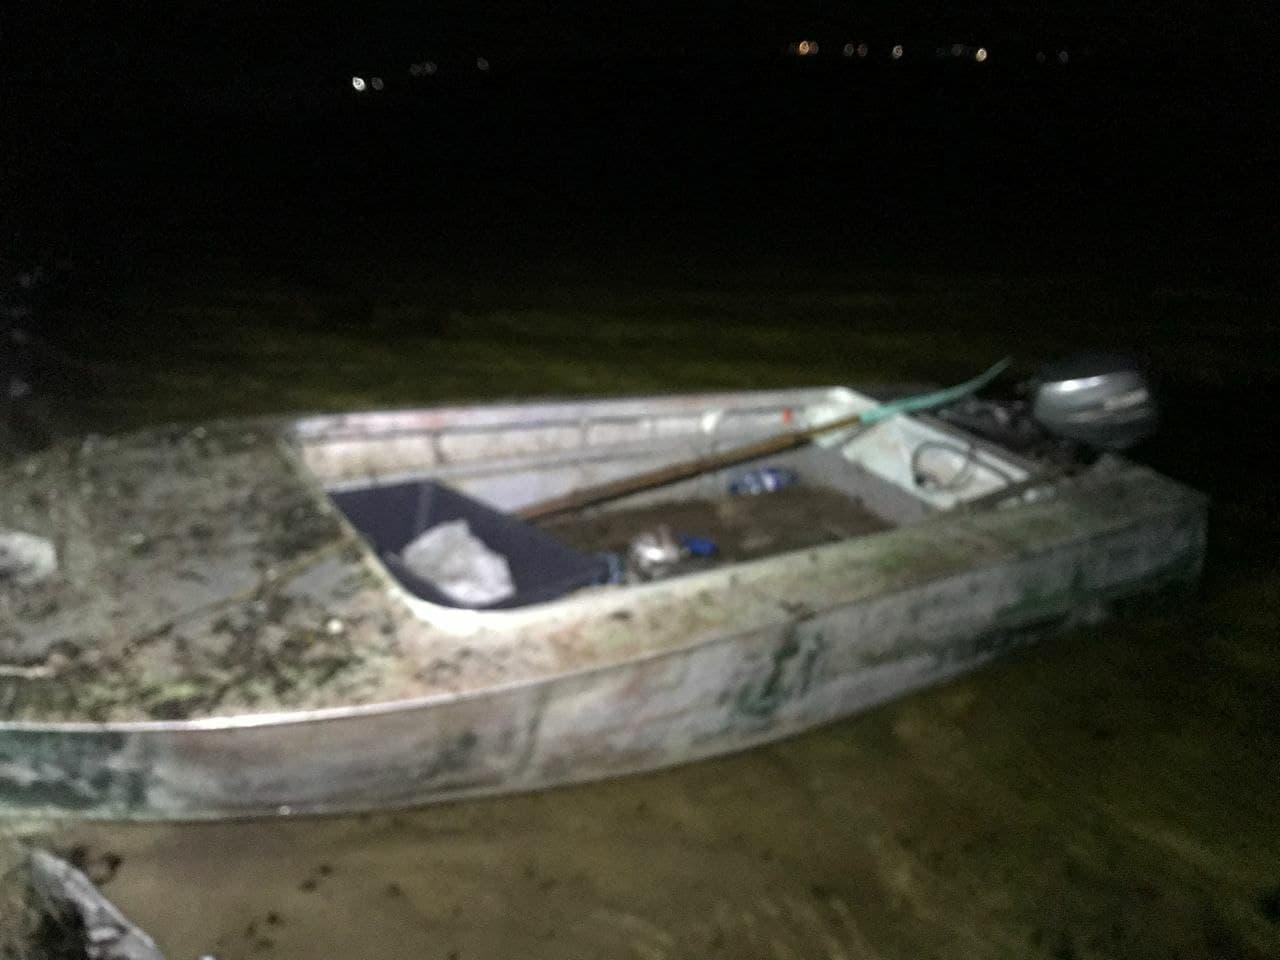 Бориспільщина: чоловік залишився без човна через риболовлю - Човен, рибалки - 140737236 2482068735434608 3854252673494328098 o